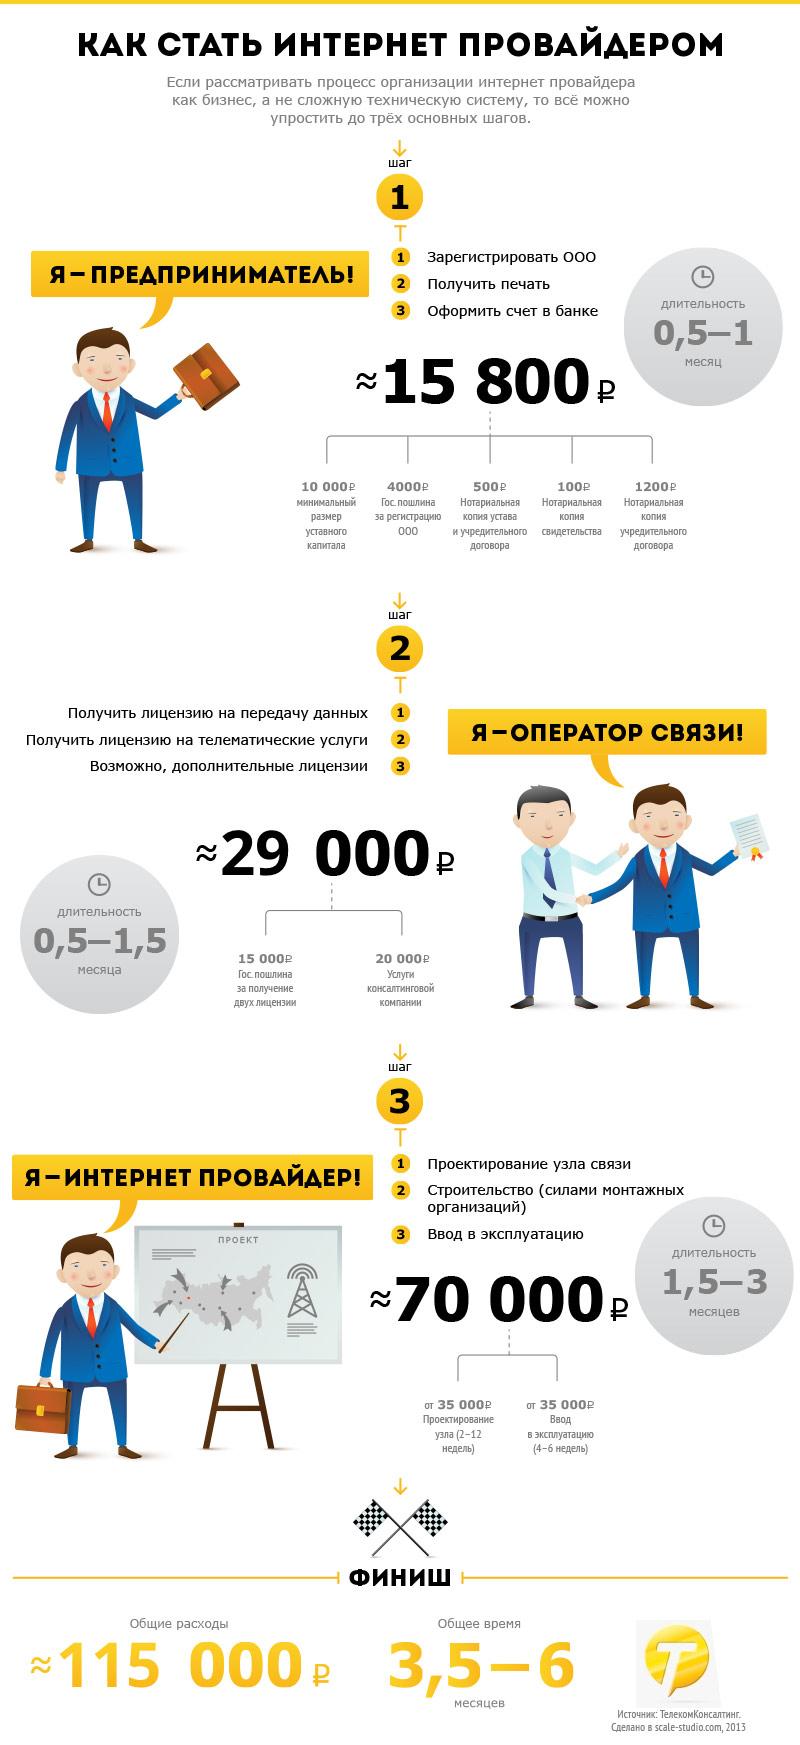 Инфографика - Как стать провайдером